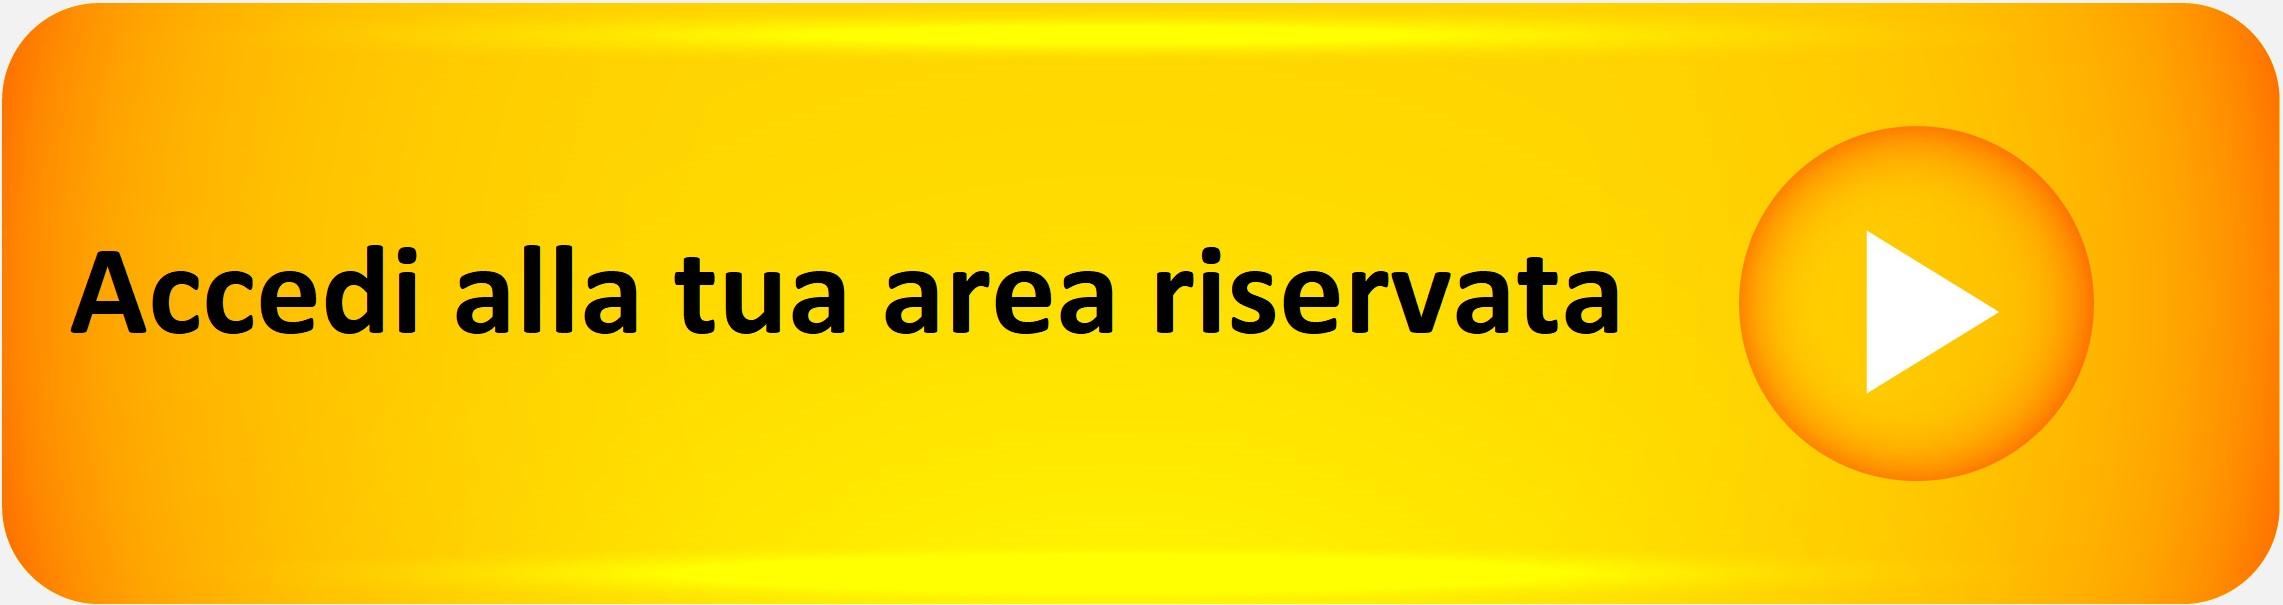 Accedi alla tua area riservata